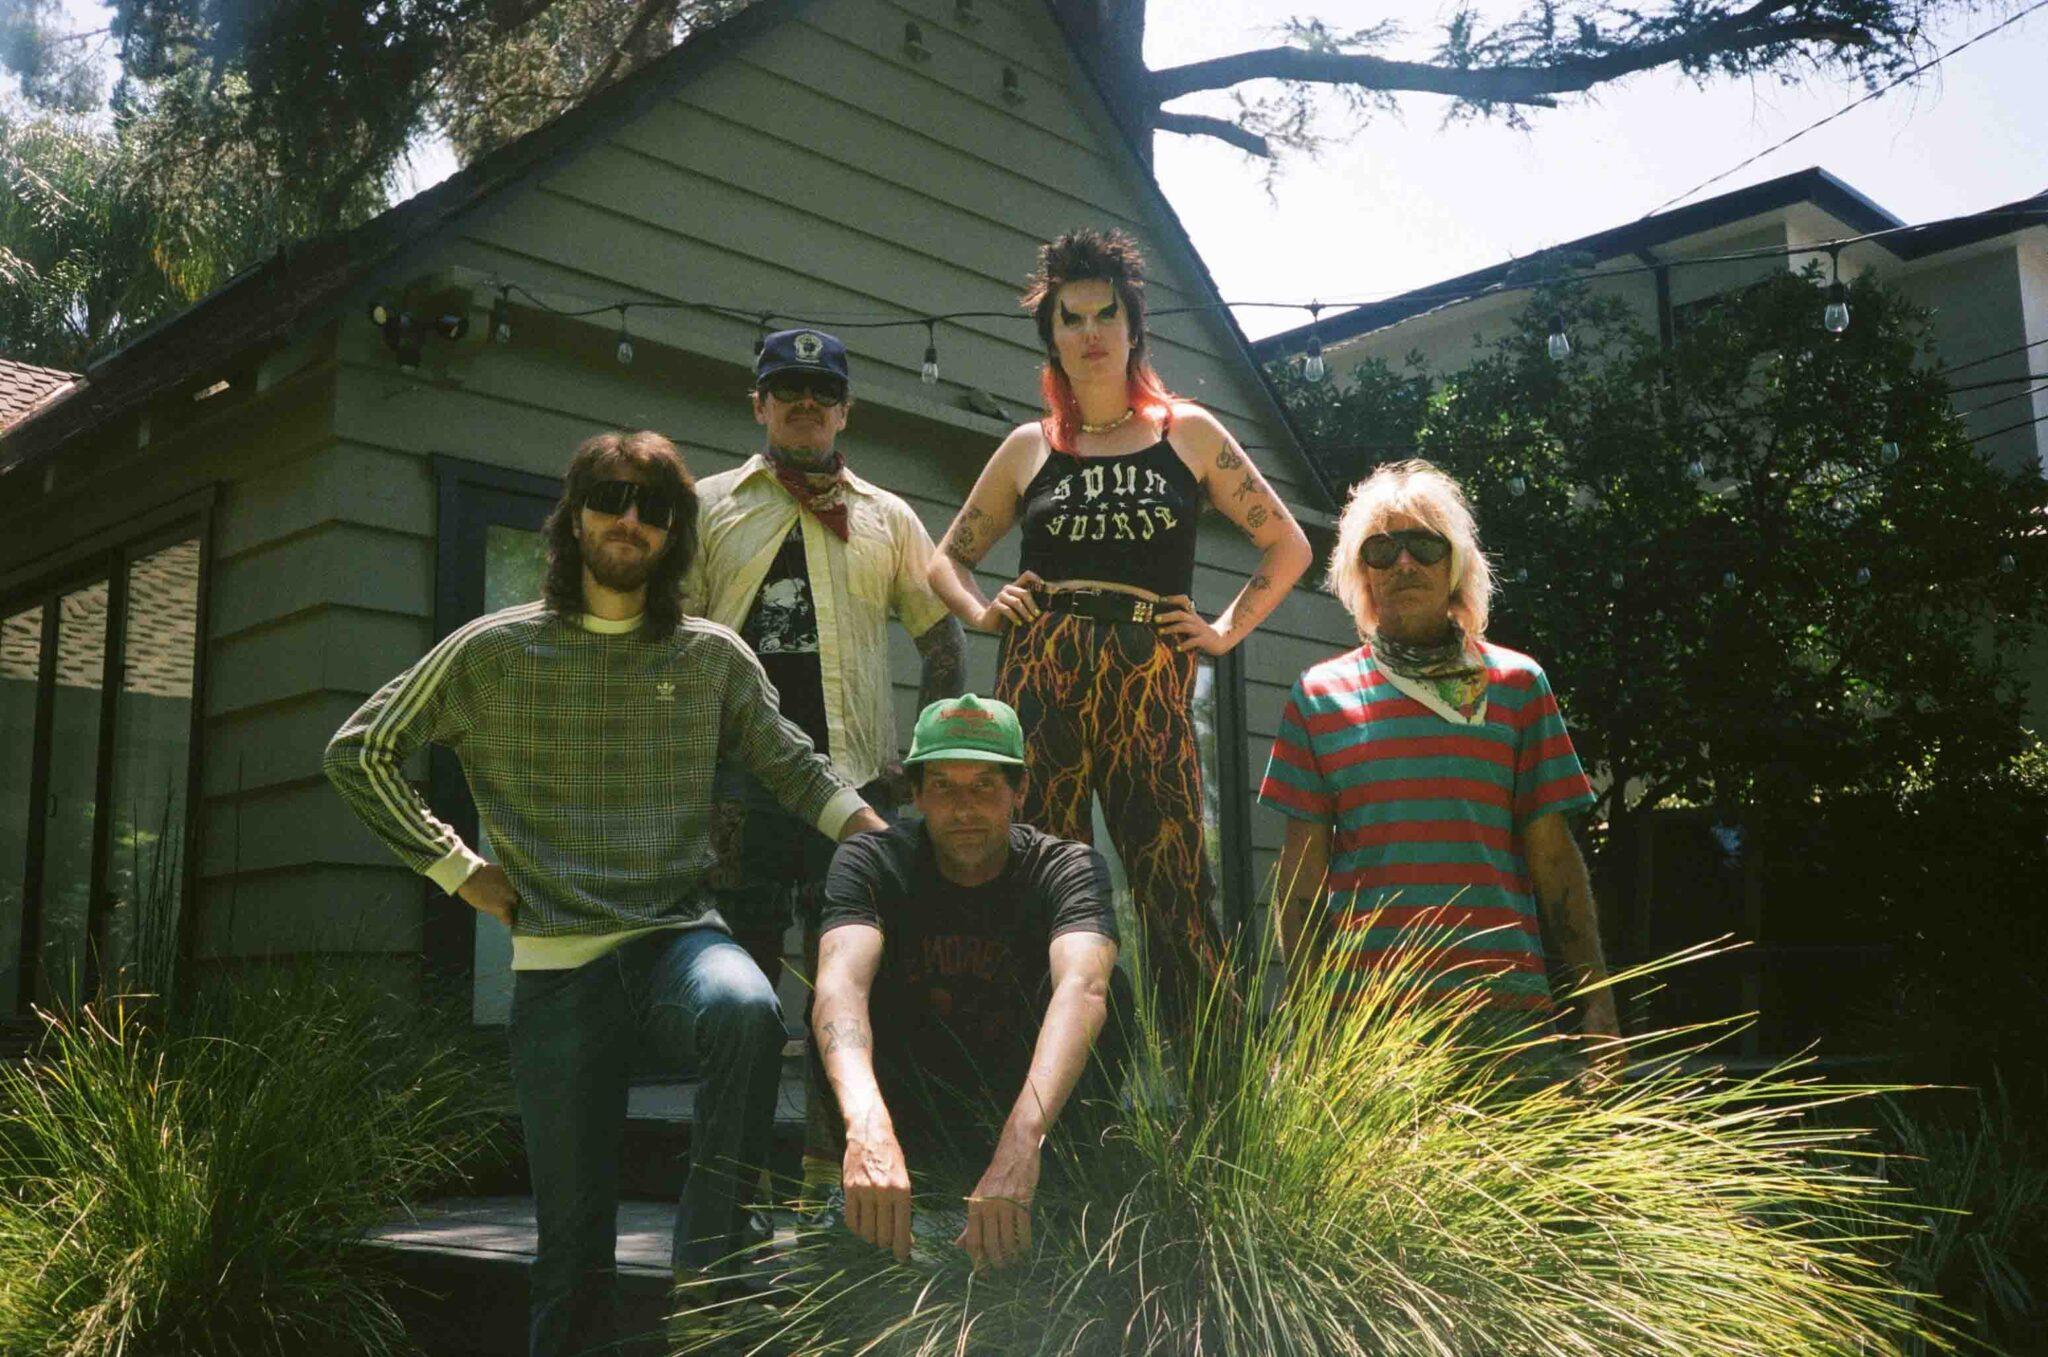 Surfbort band photo